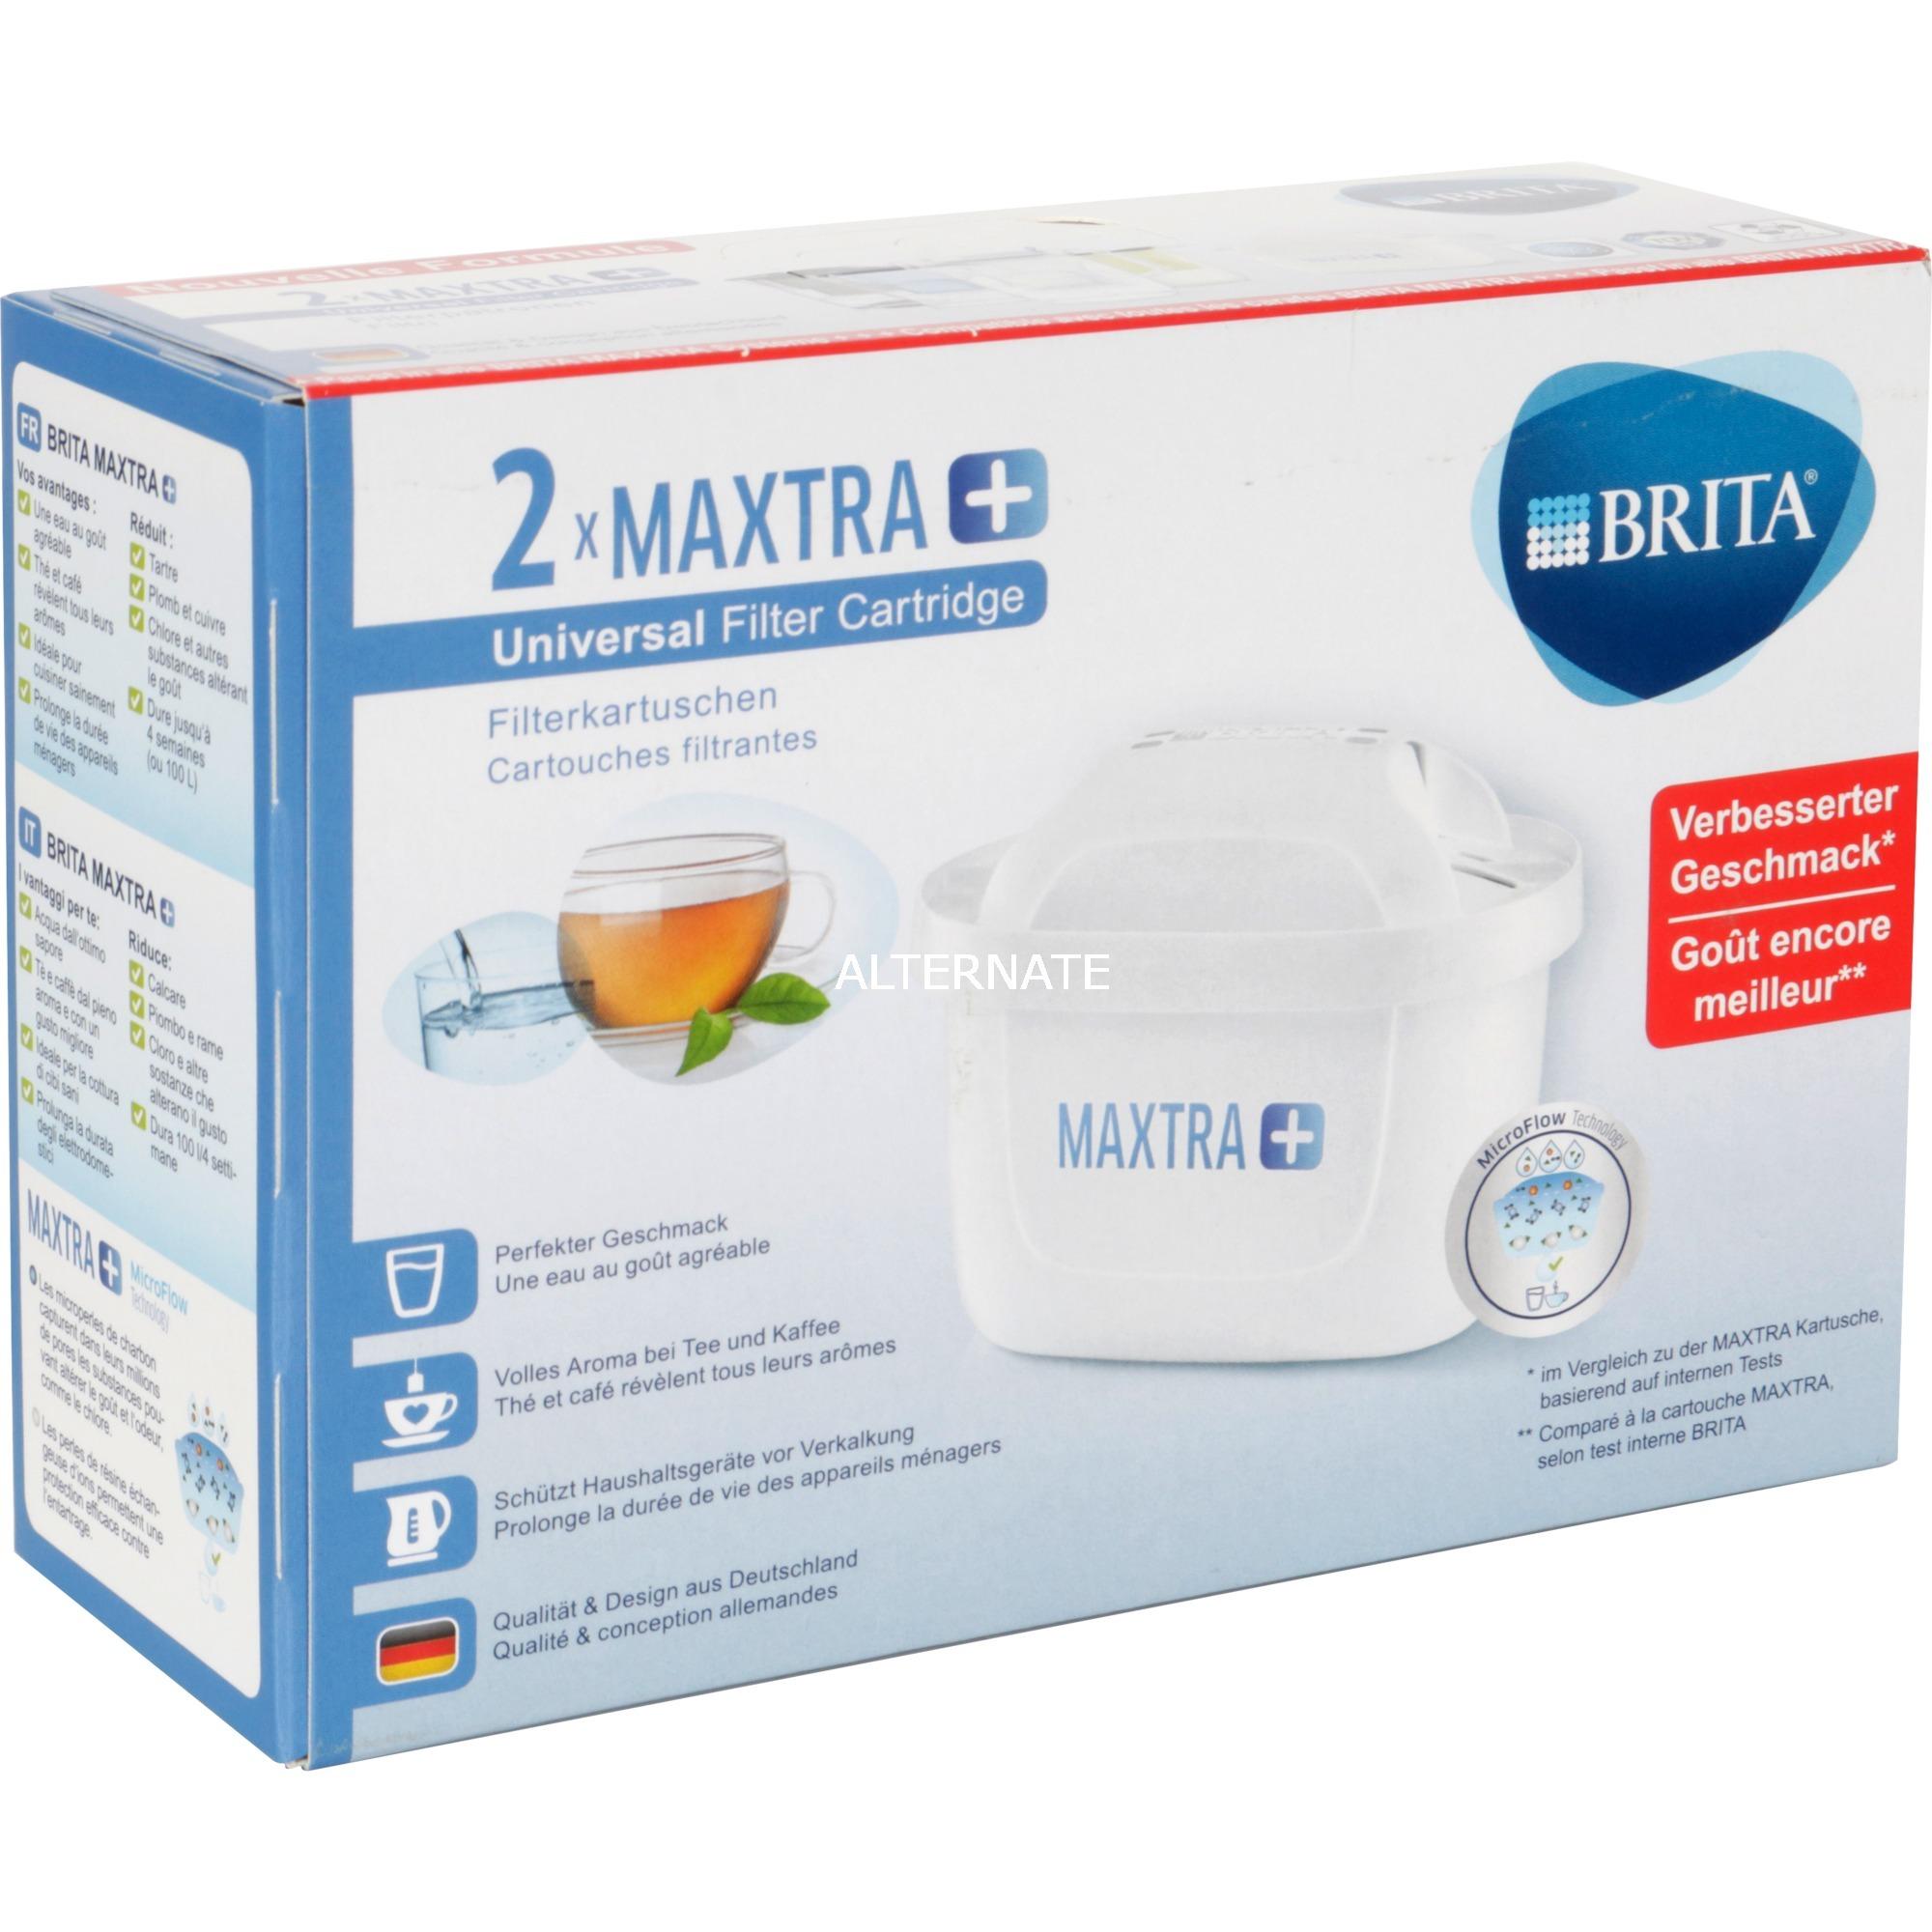 MAXTRA+ 2-Pack Cartucho 2pieza(s), Filtro de agua